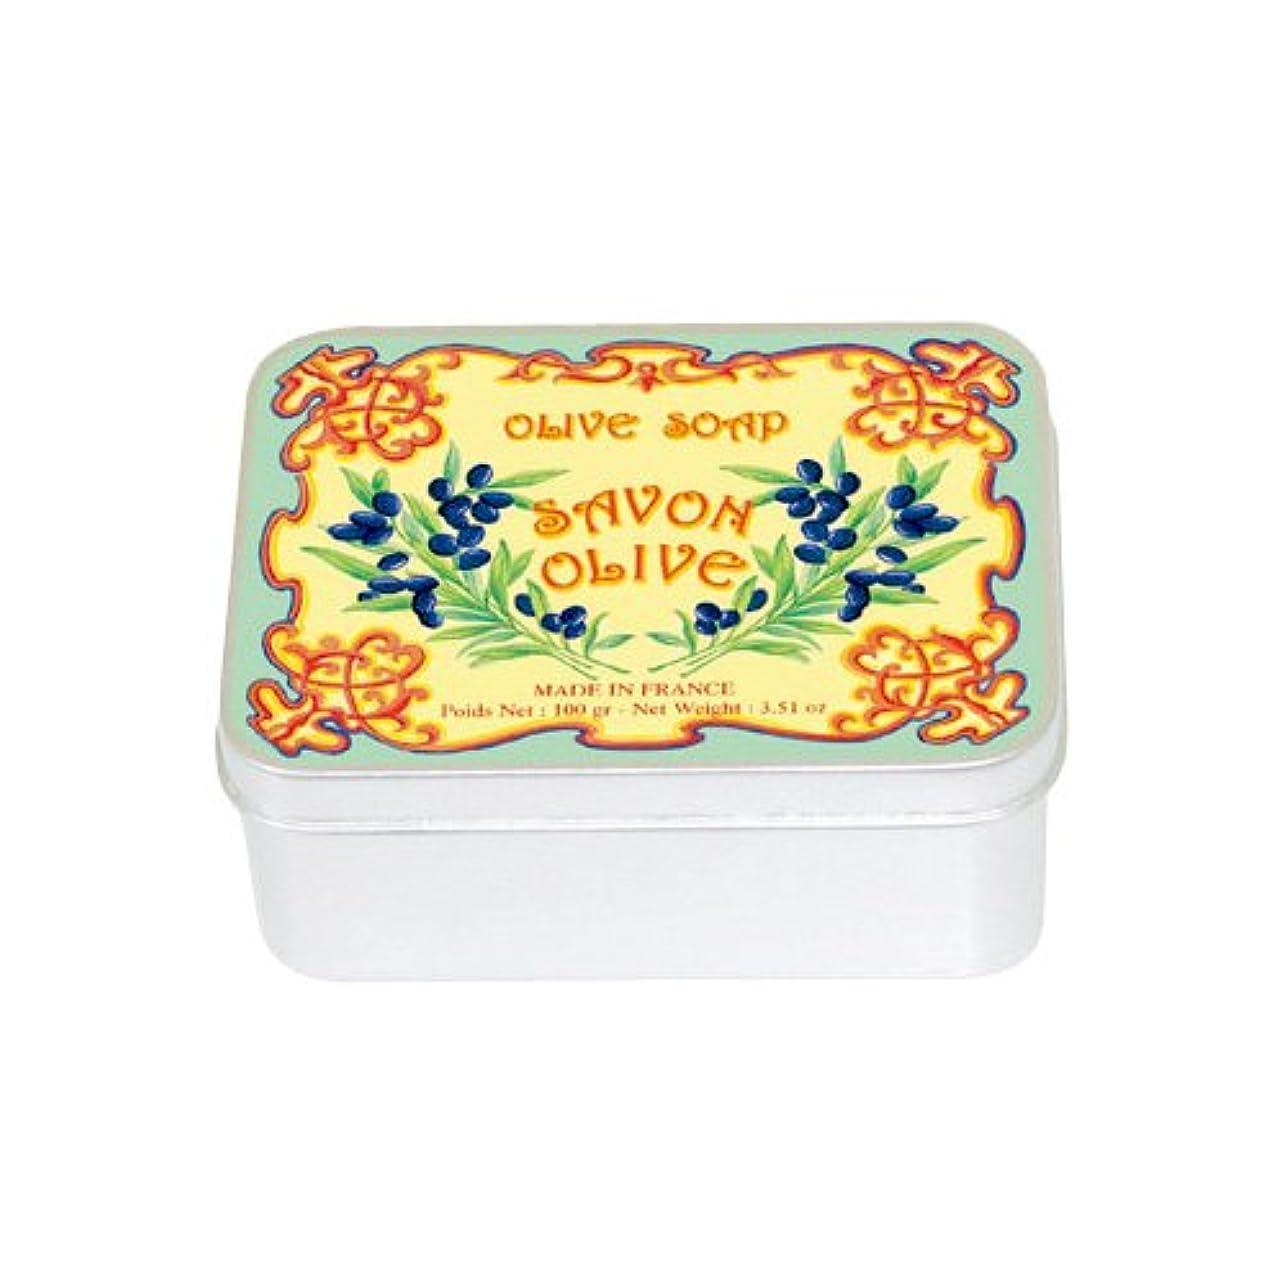 森林引退する衝動ルブランソープ メタルボックス(オリーブの香り)石鹸